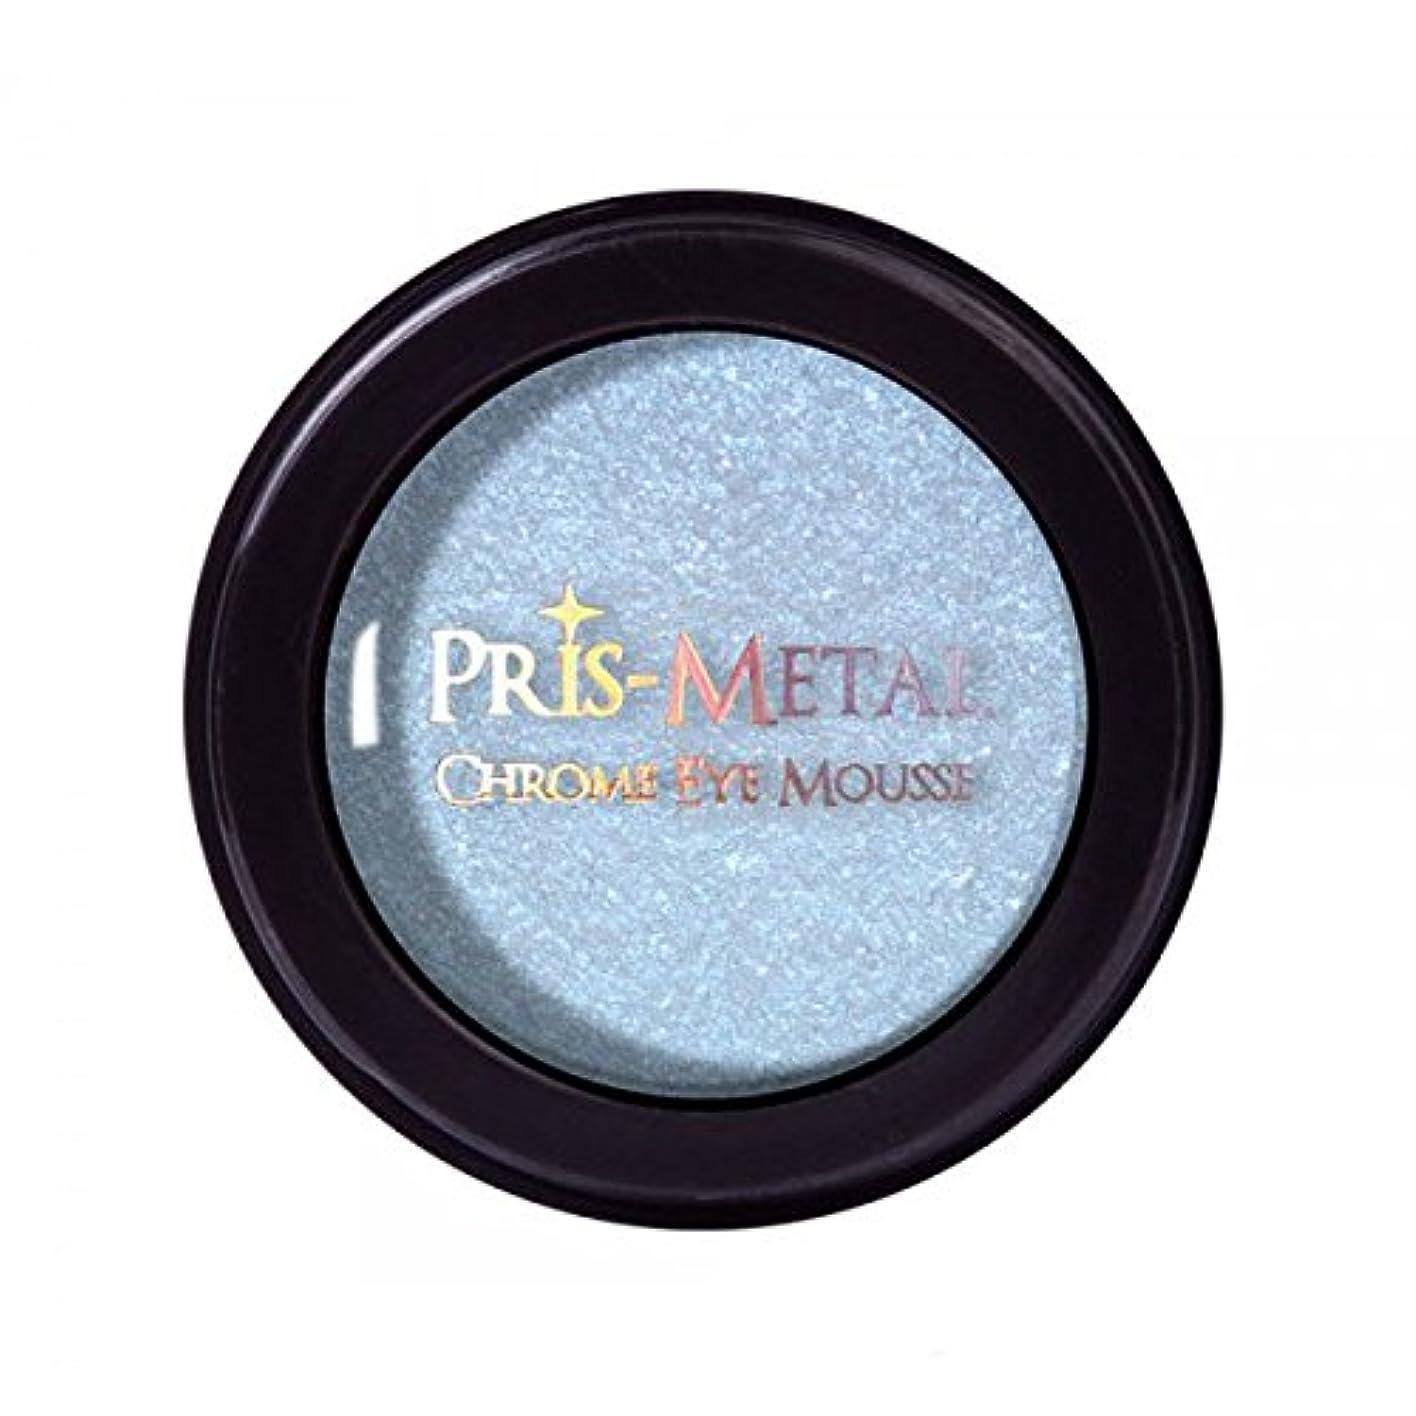 予防接種する証言する穿孔する(3 Pack) J. CAT BEAUTY Pris-Metal Chrome Eye Mousse - Dreamer (並行輸入品)